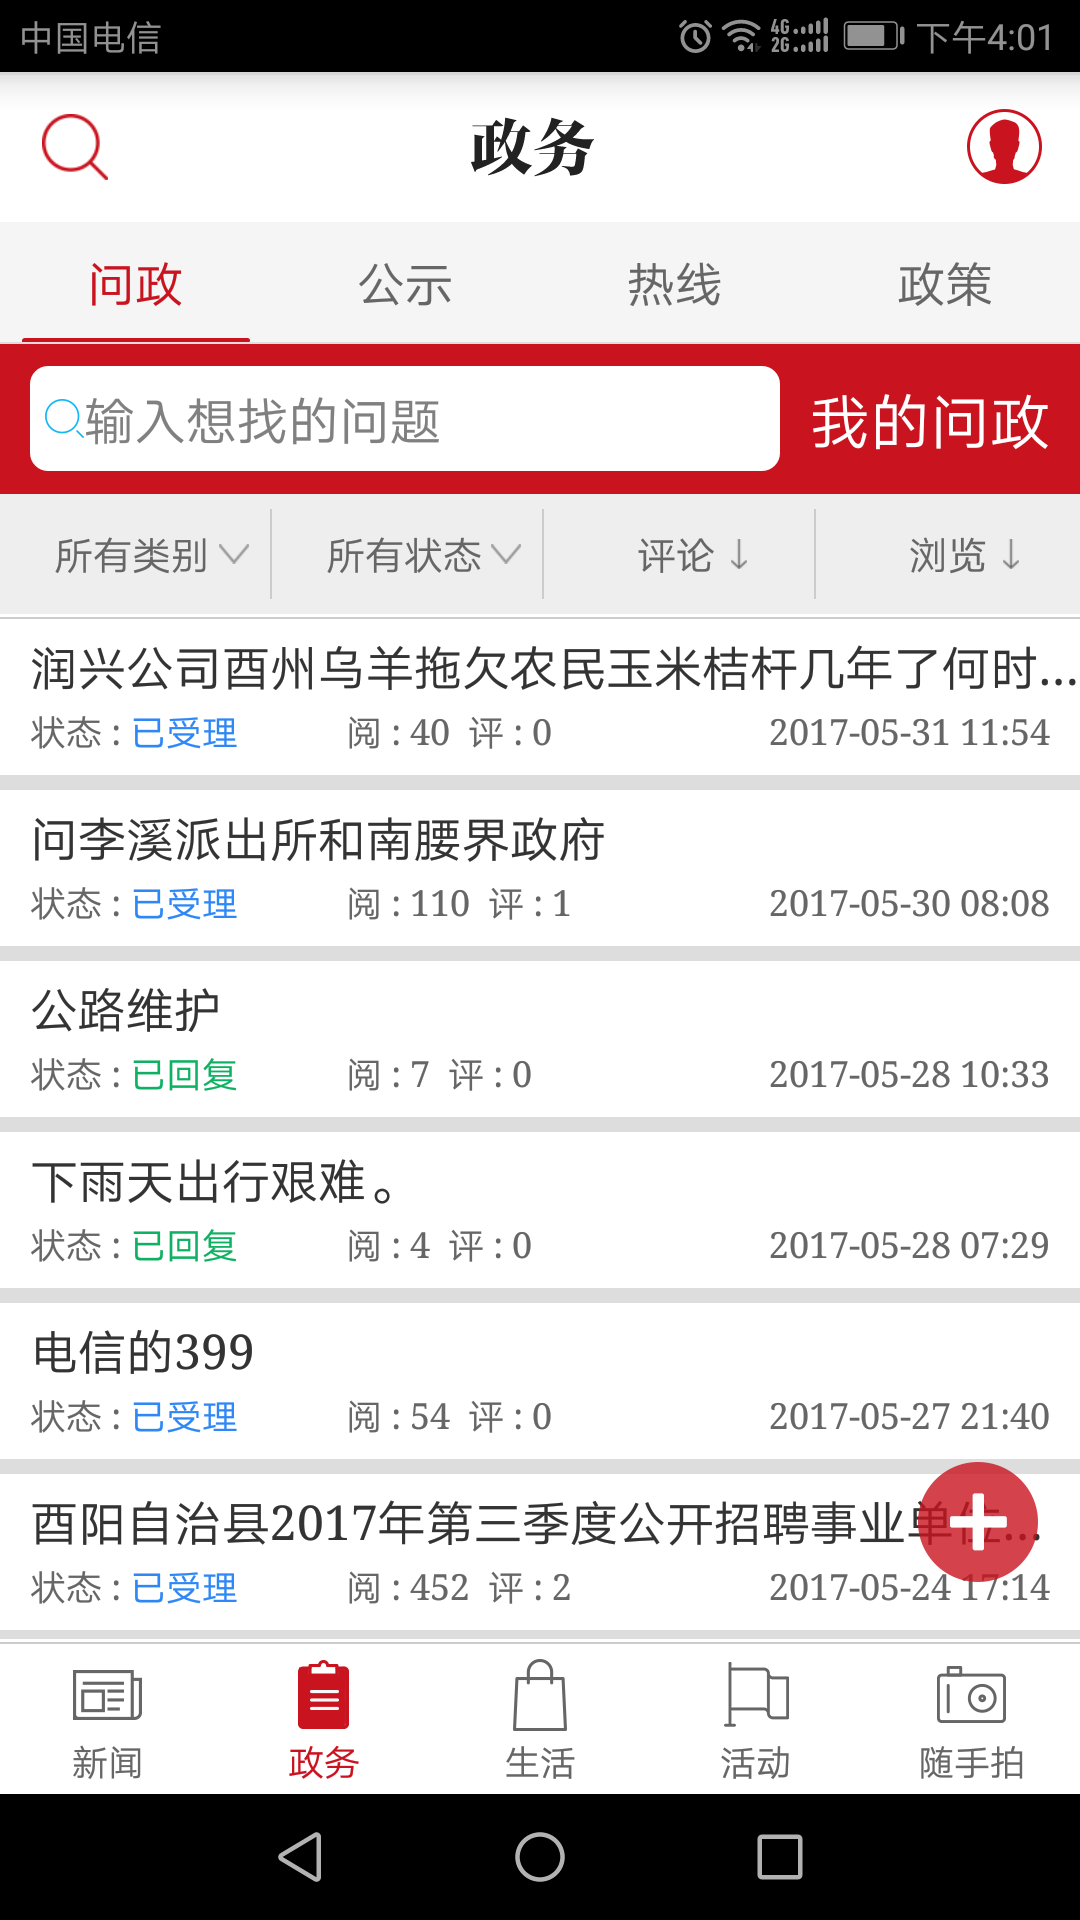 酉州城事 V2.0.8 安卓版截图3